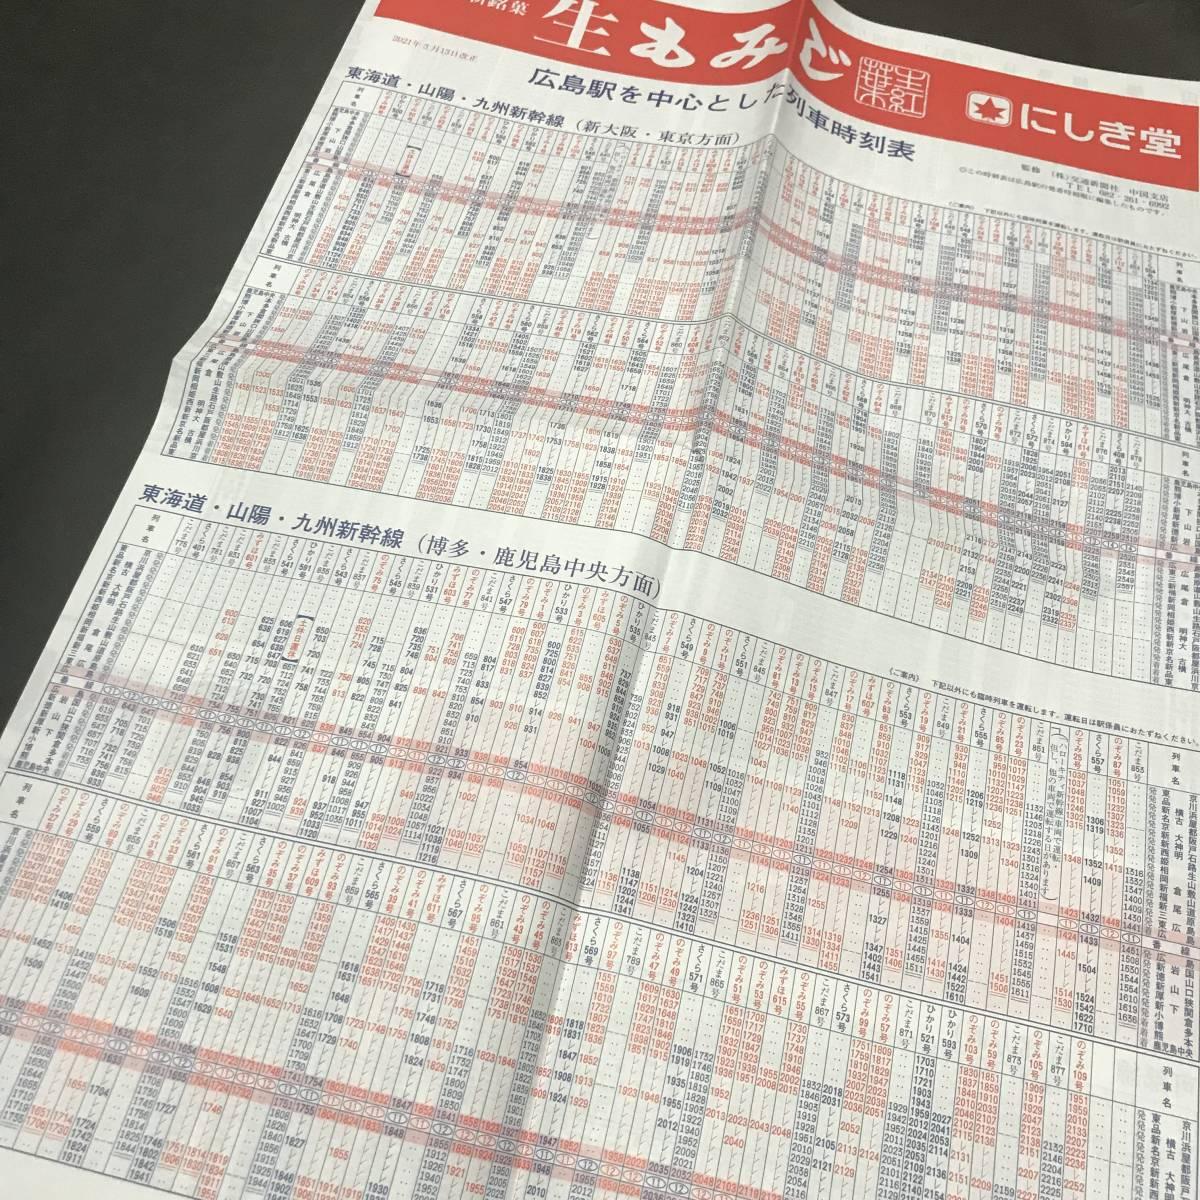 時刻 表 呉線 広島→呉(呉線)|時刻表|ジョルダン